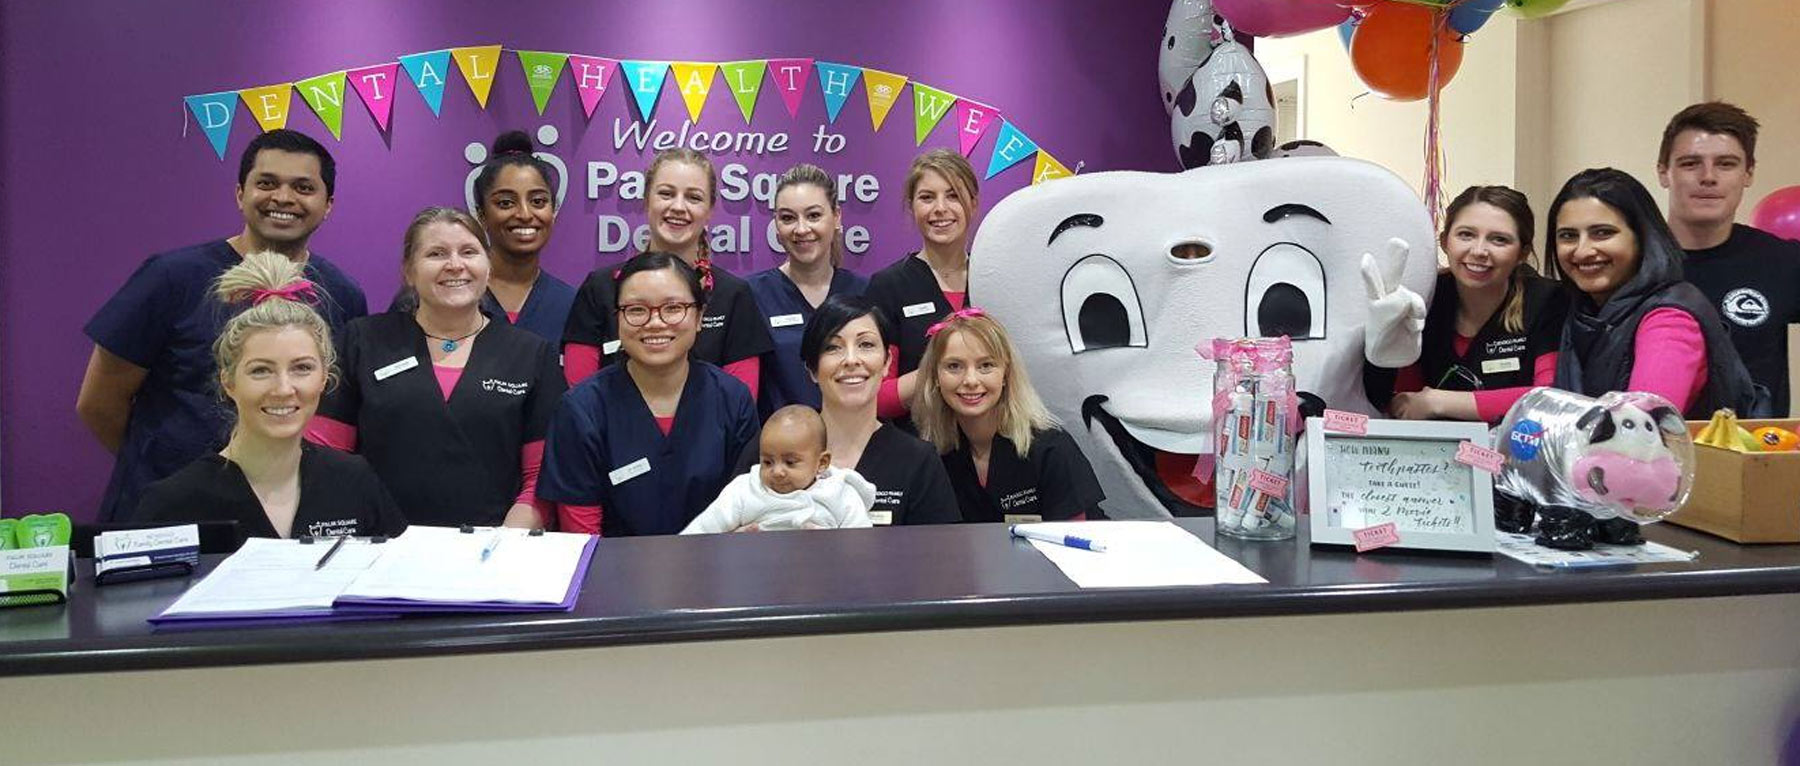 Team | Palm Square Dental Care